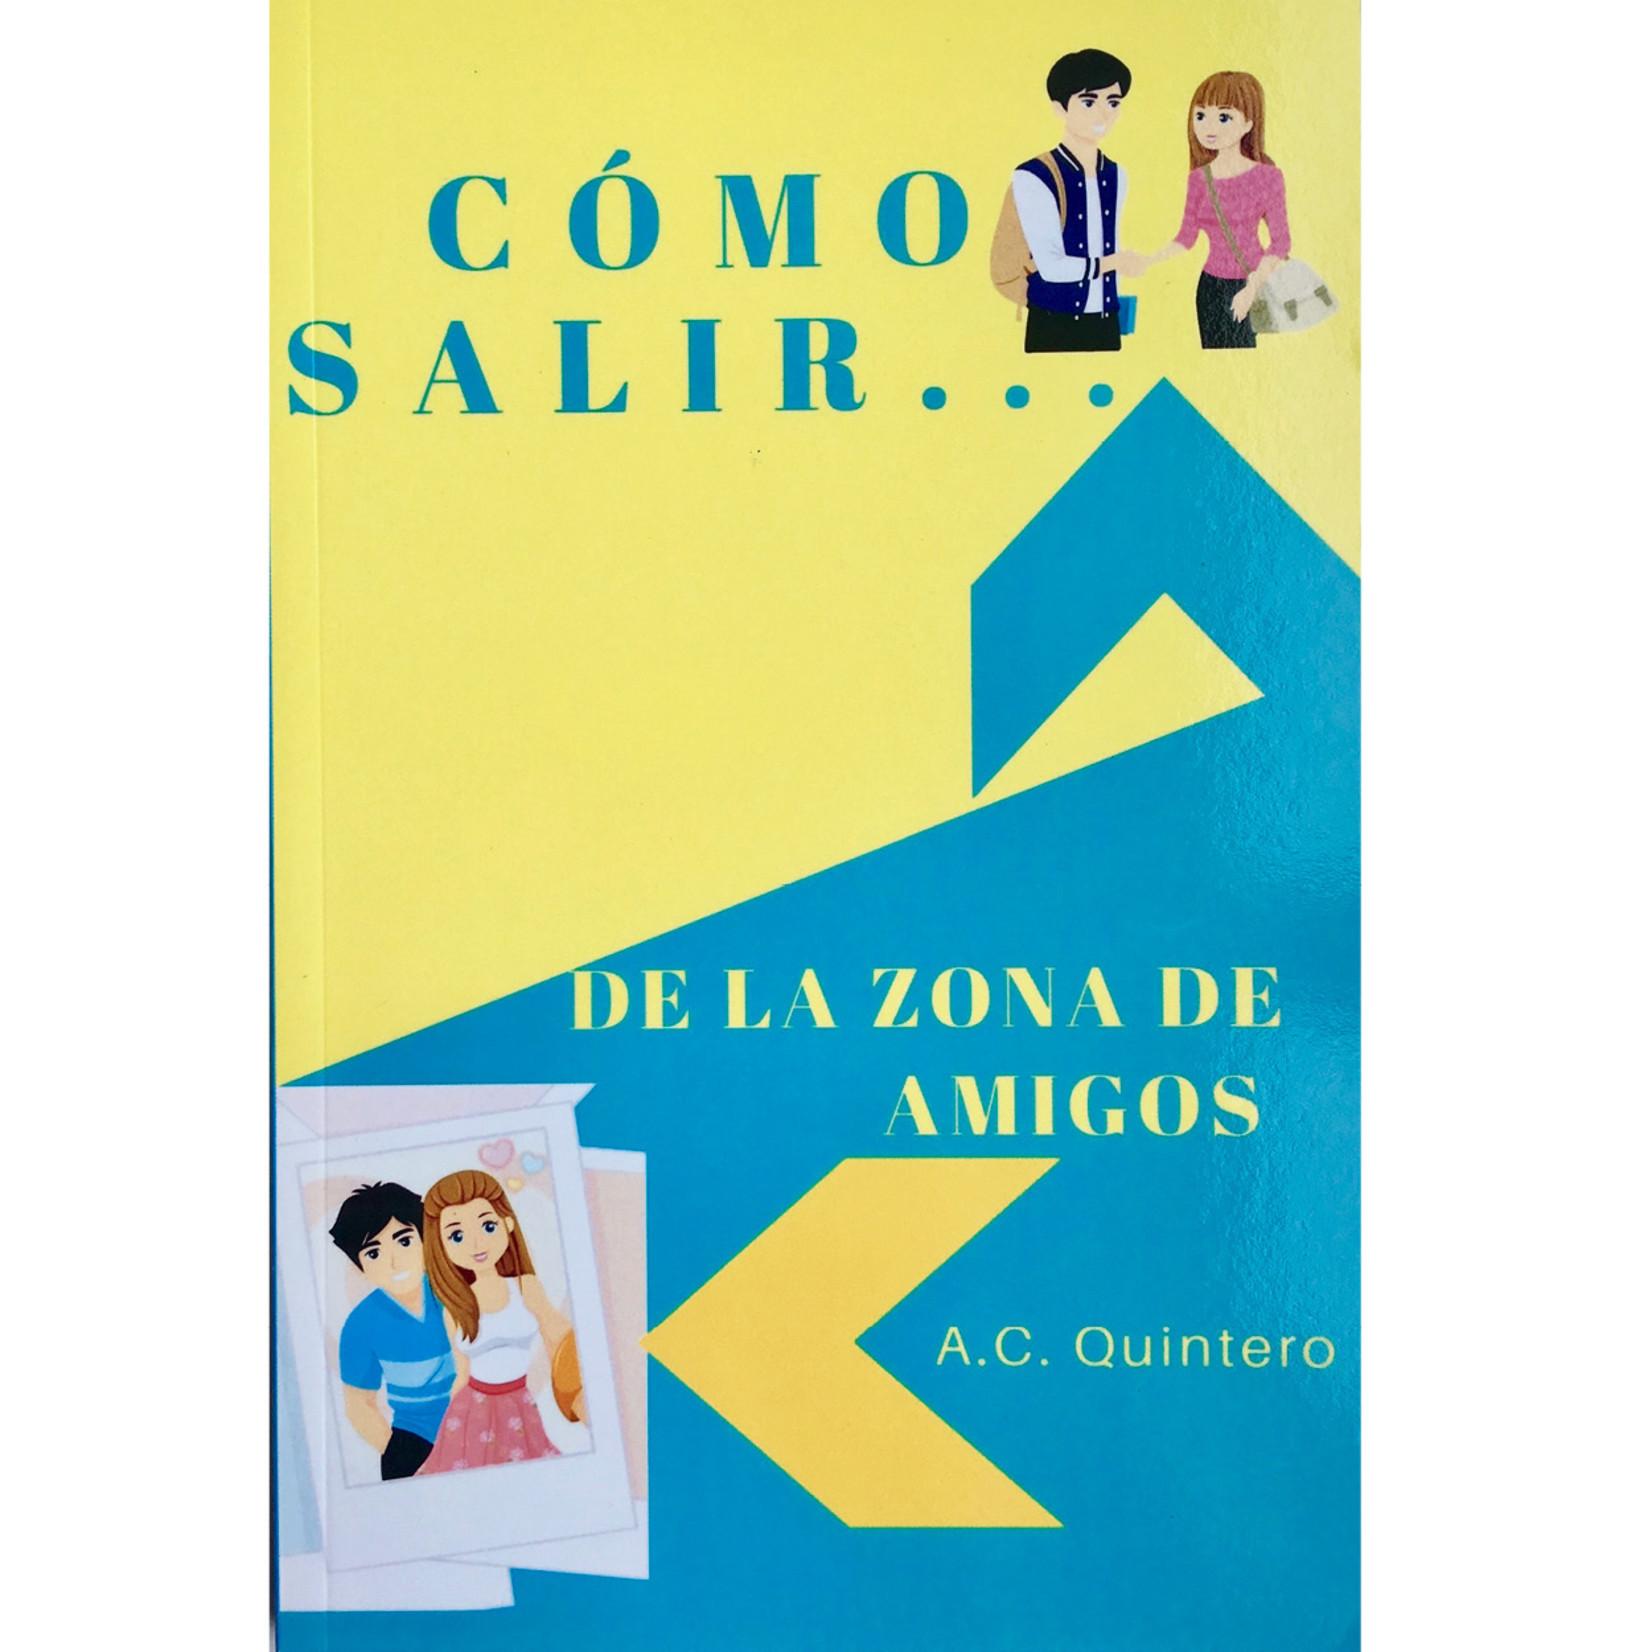 A.C. Quintero Resources Cómo salir de la zona de amigos